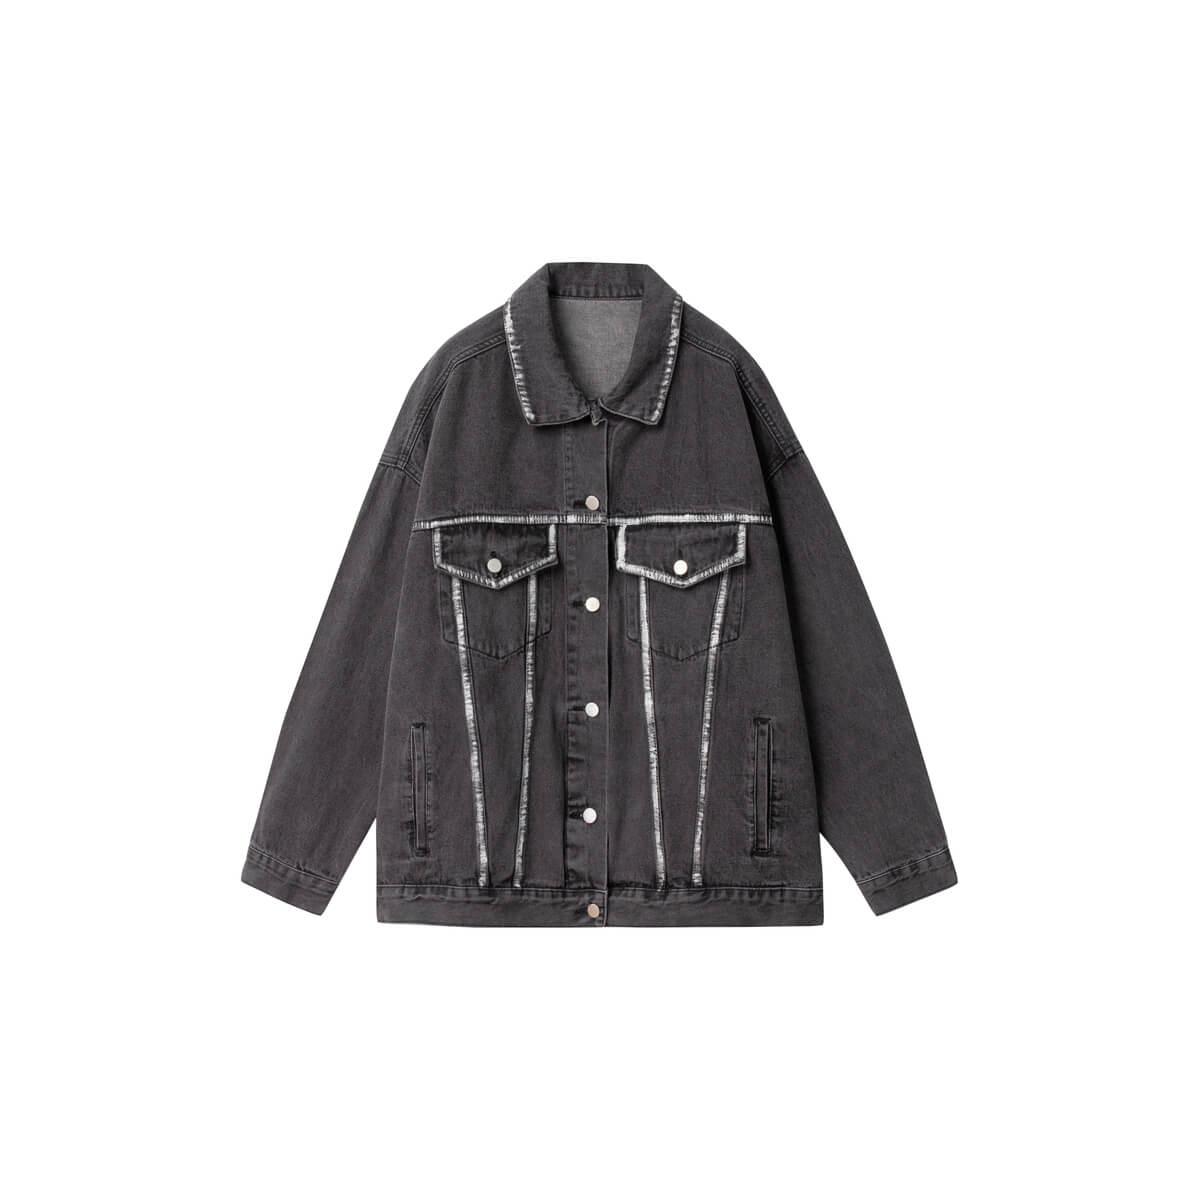 Джинсовая куртка DL Studio Rough Denim Jacket Dark Gray